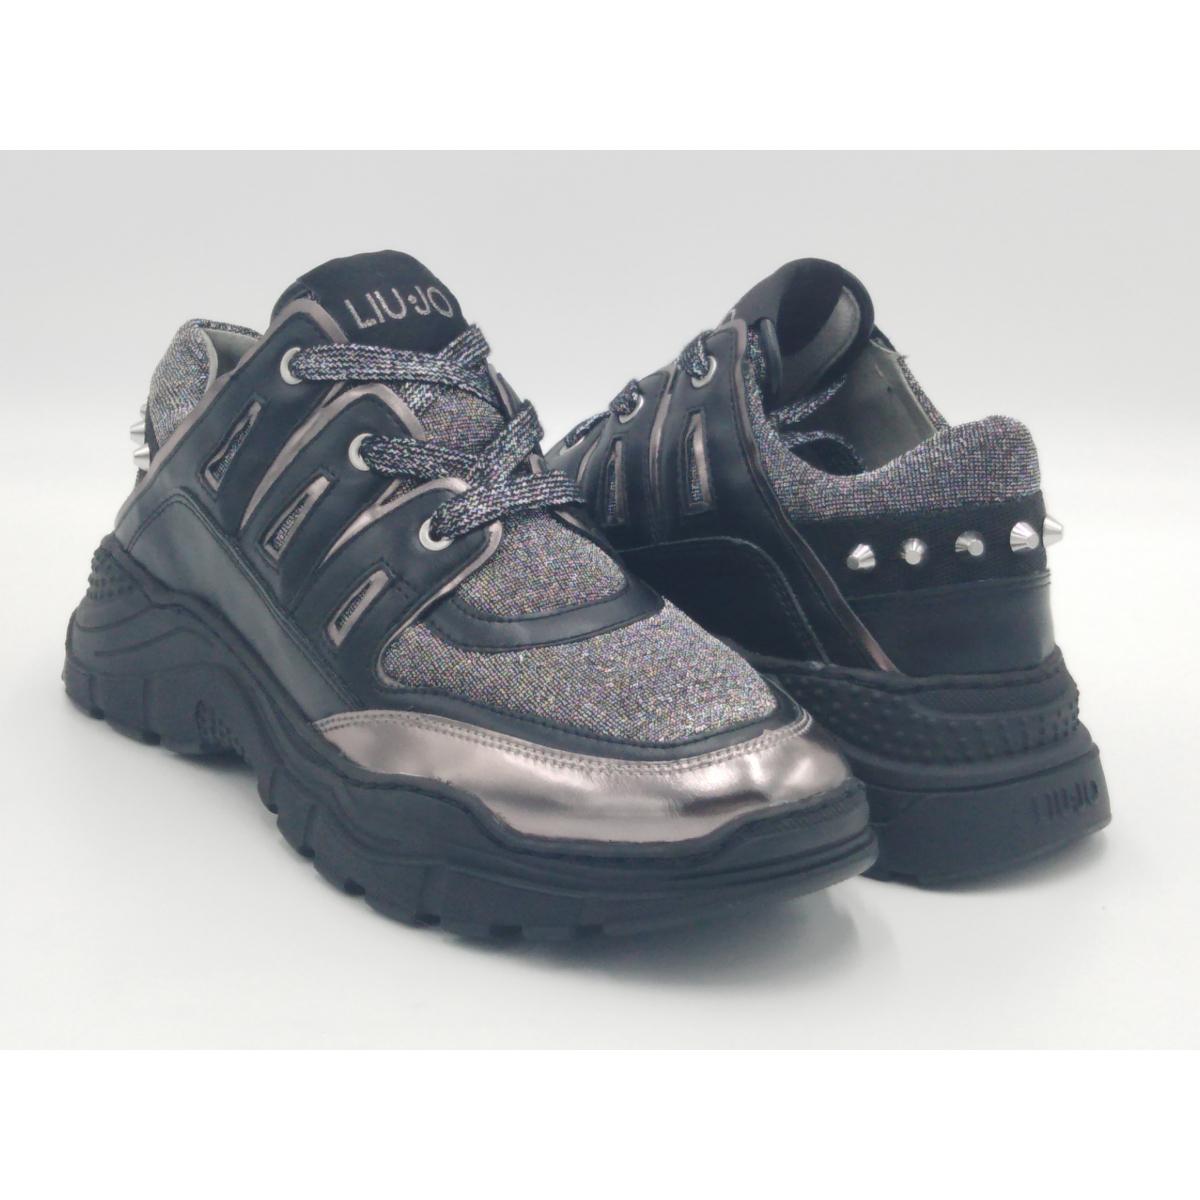 Liu Jo -Sneaker nero lurex...